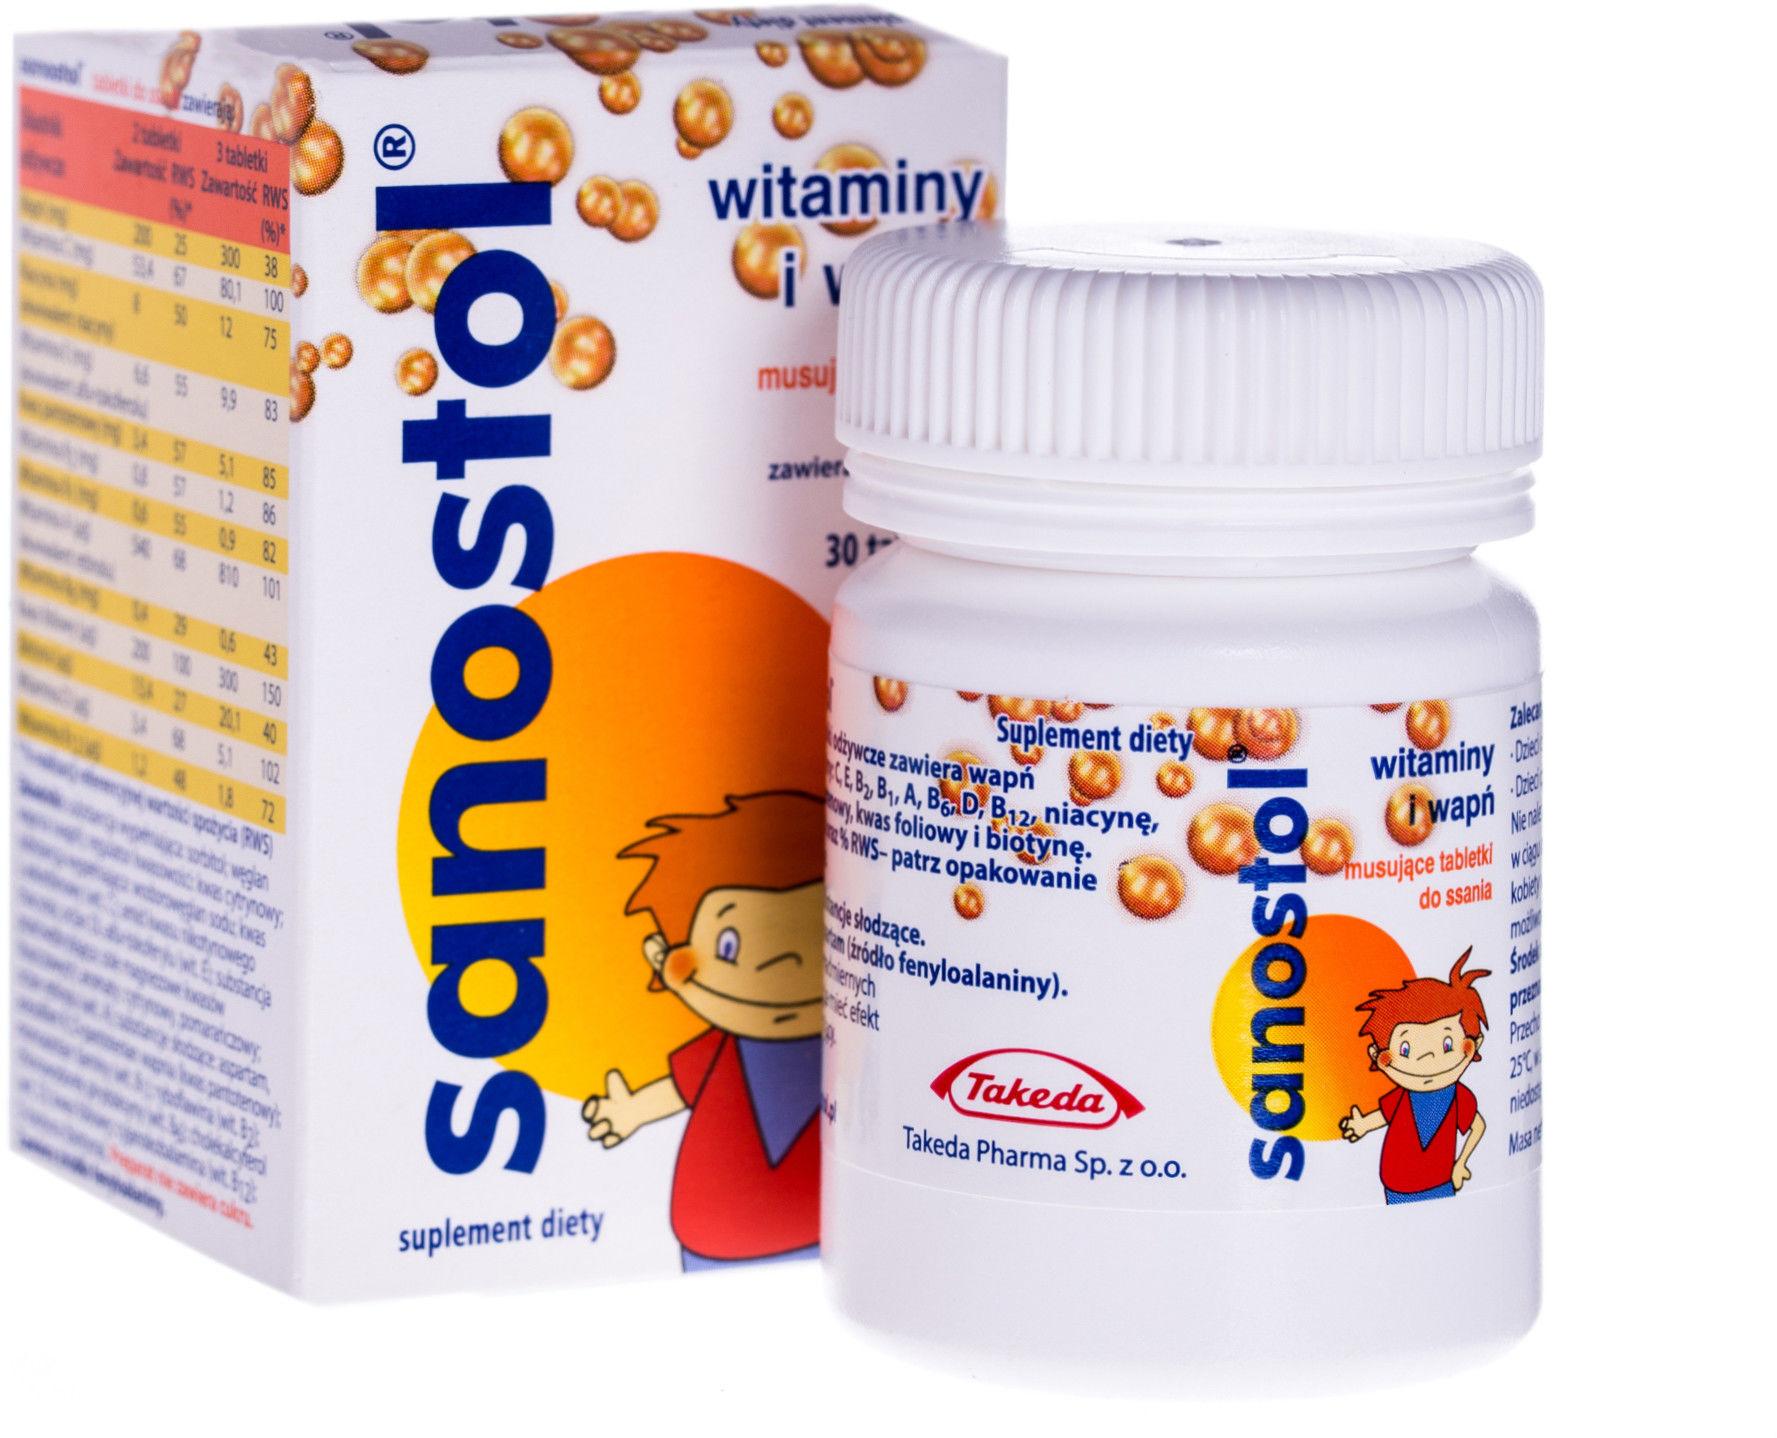 Sanostol witaminy i wapń 30 tabletek musujących do ssania